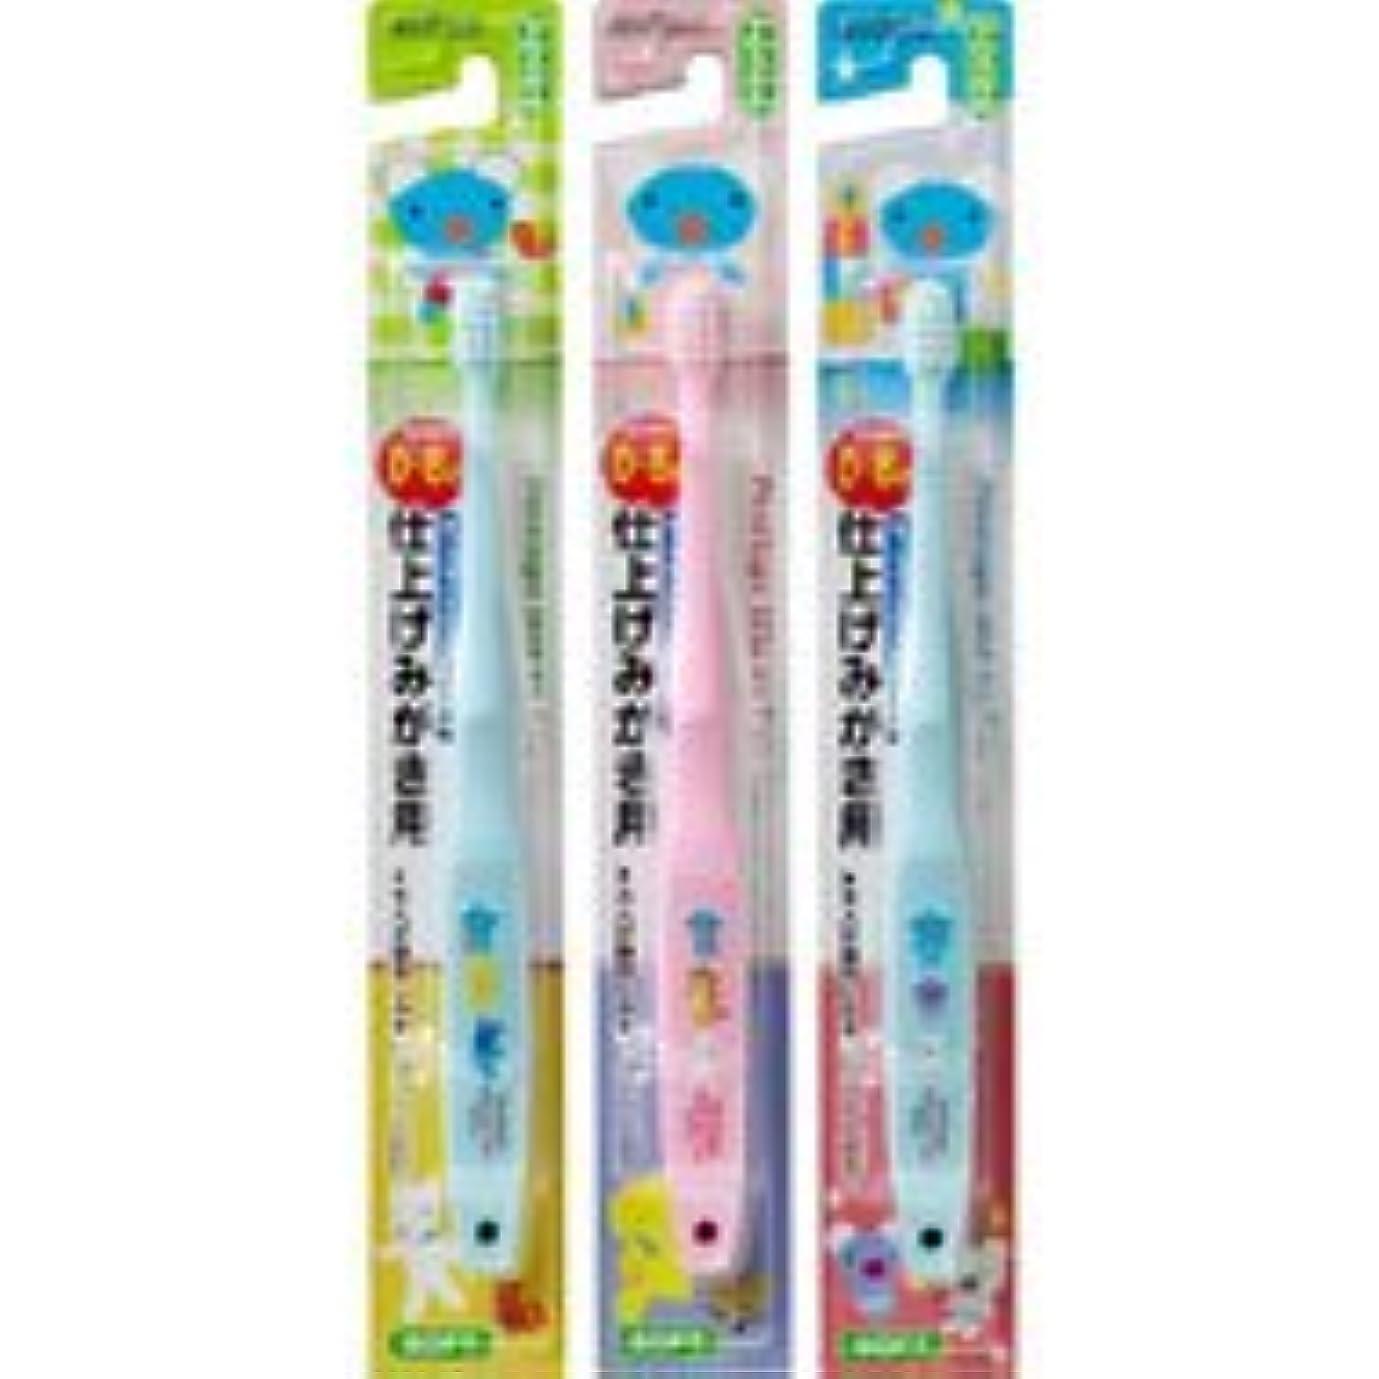 必要としているコンテンツインキュバスペネロペ仕上げ磨き用歯ブラシ 3本 ※種類は当店お任せとなります